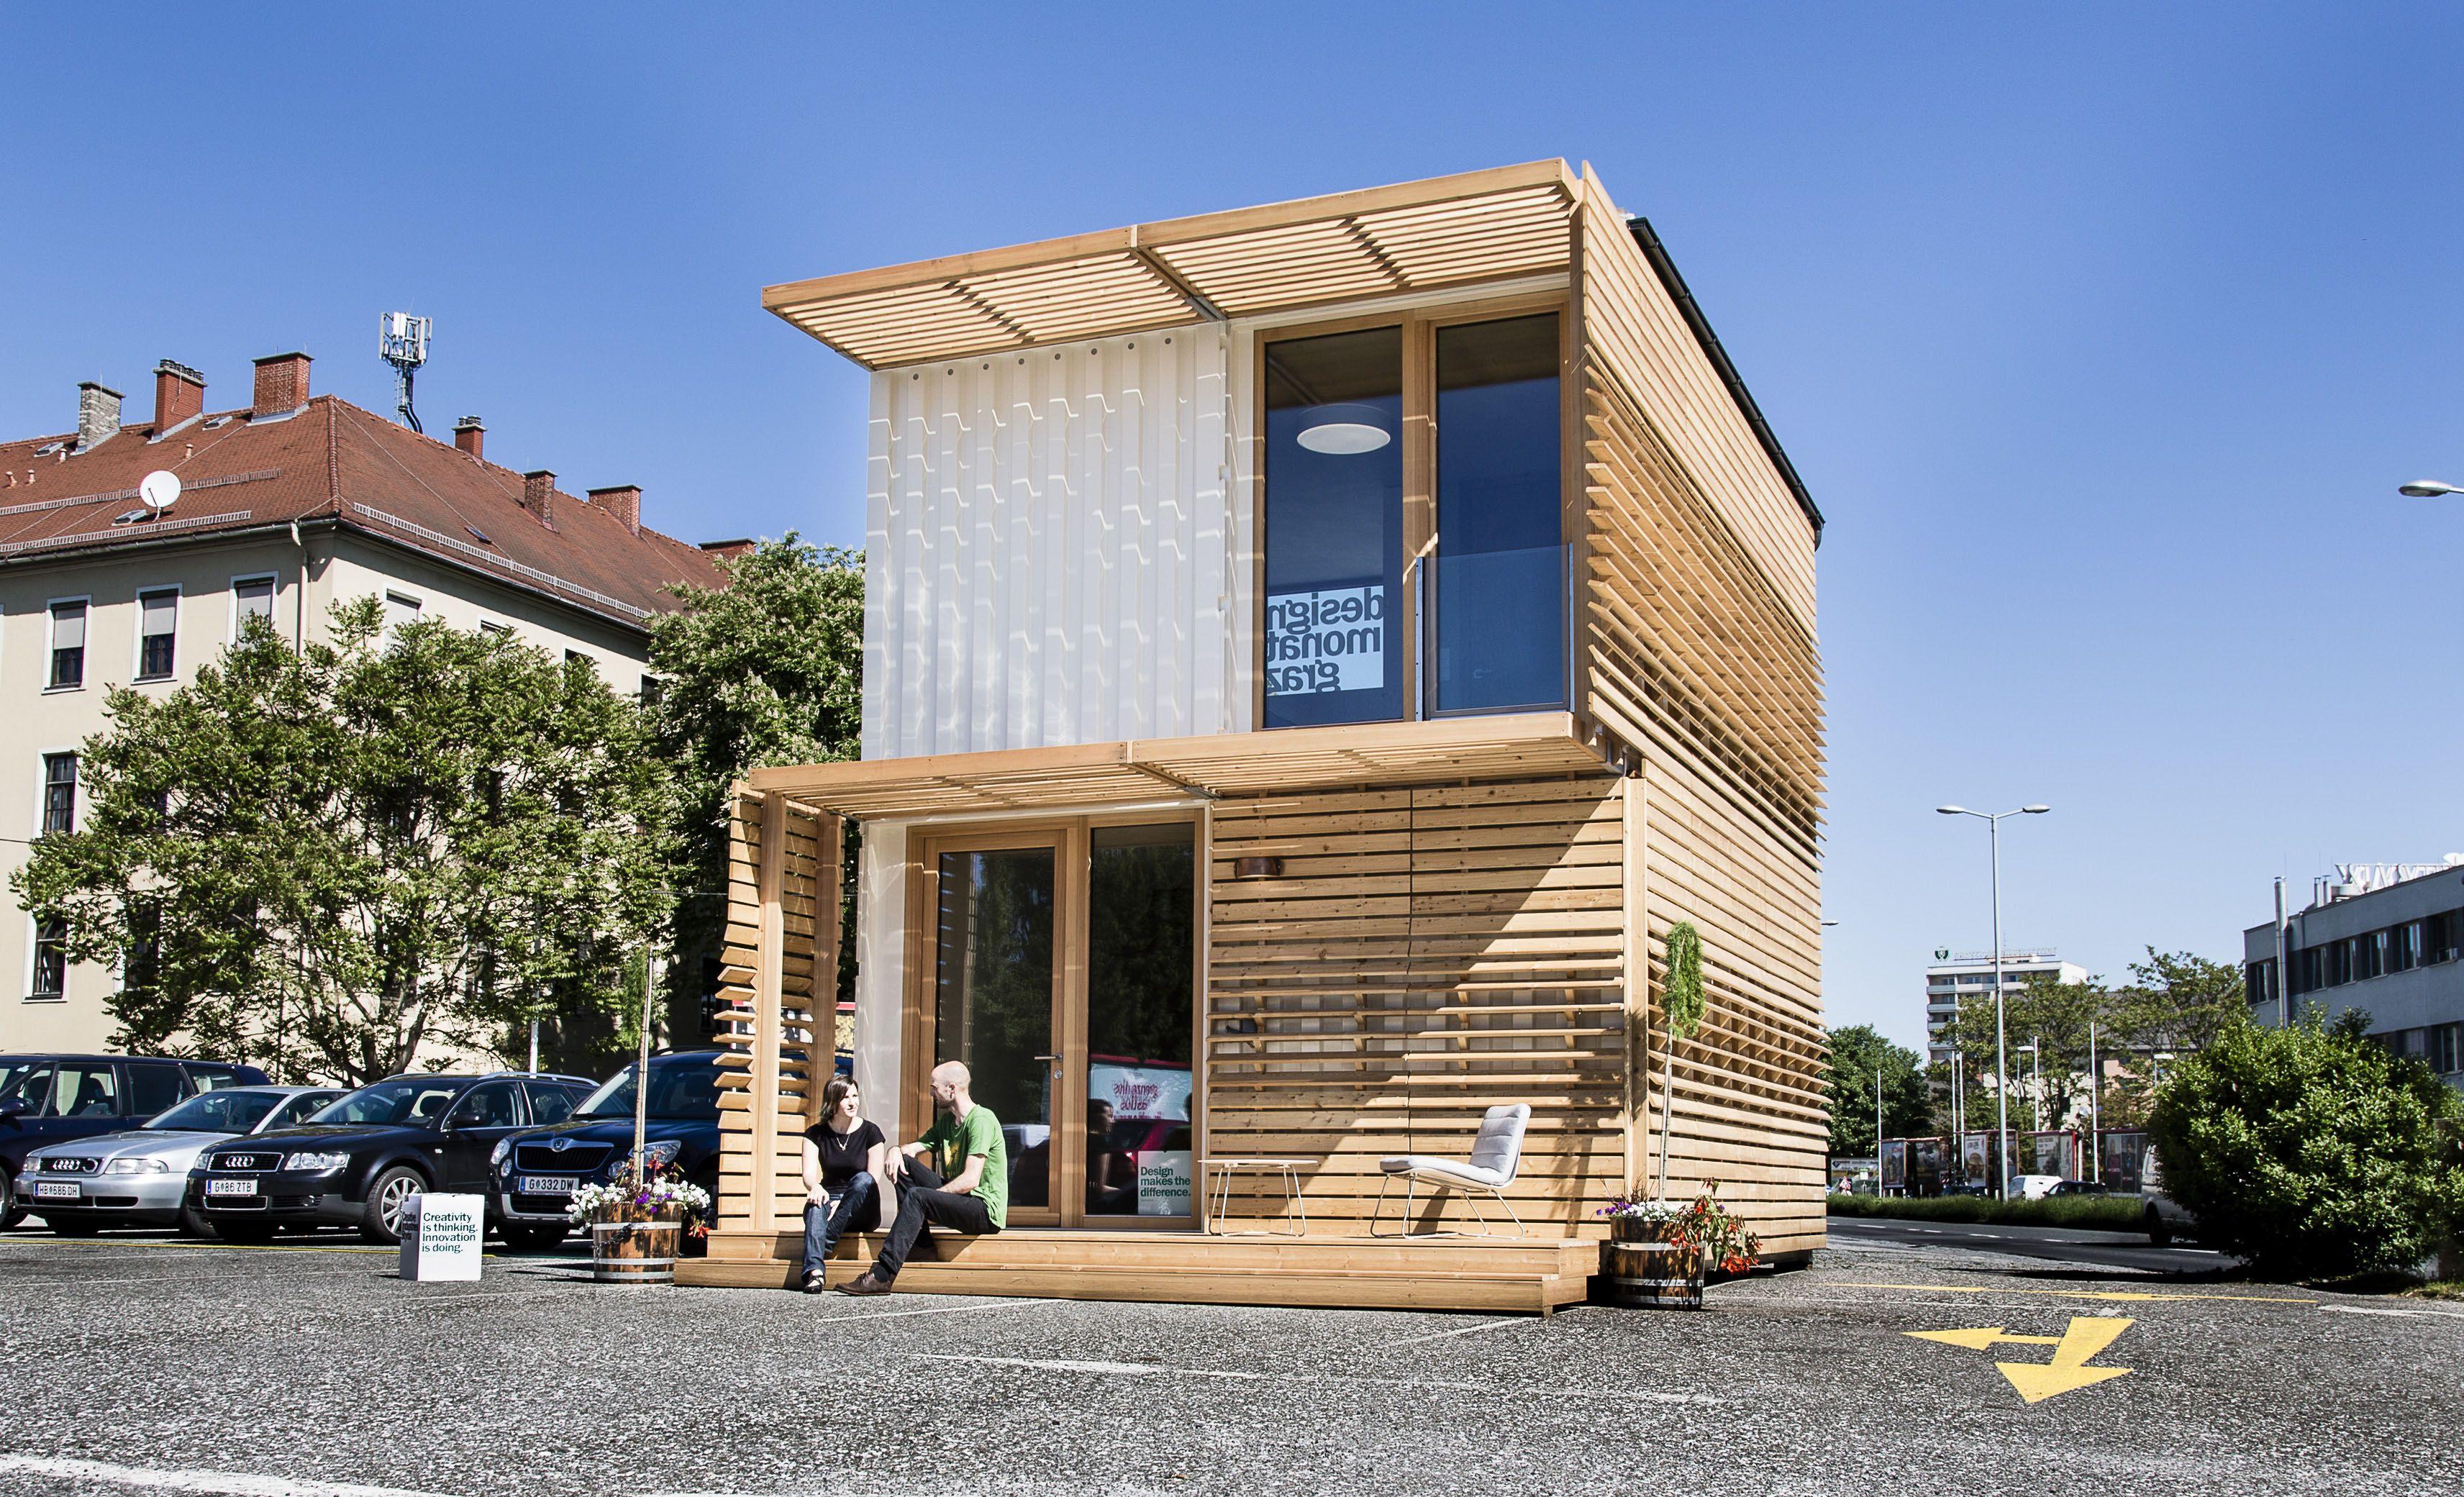 kostengünstig und flexibel wohnen im Öko-container | baustoffe ... - Container Architektur